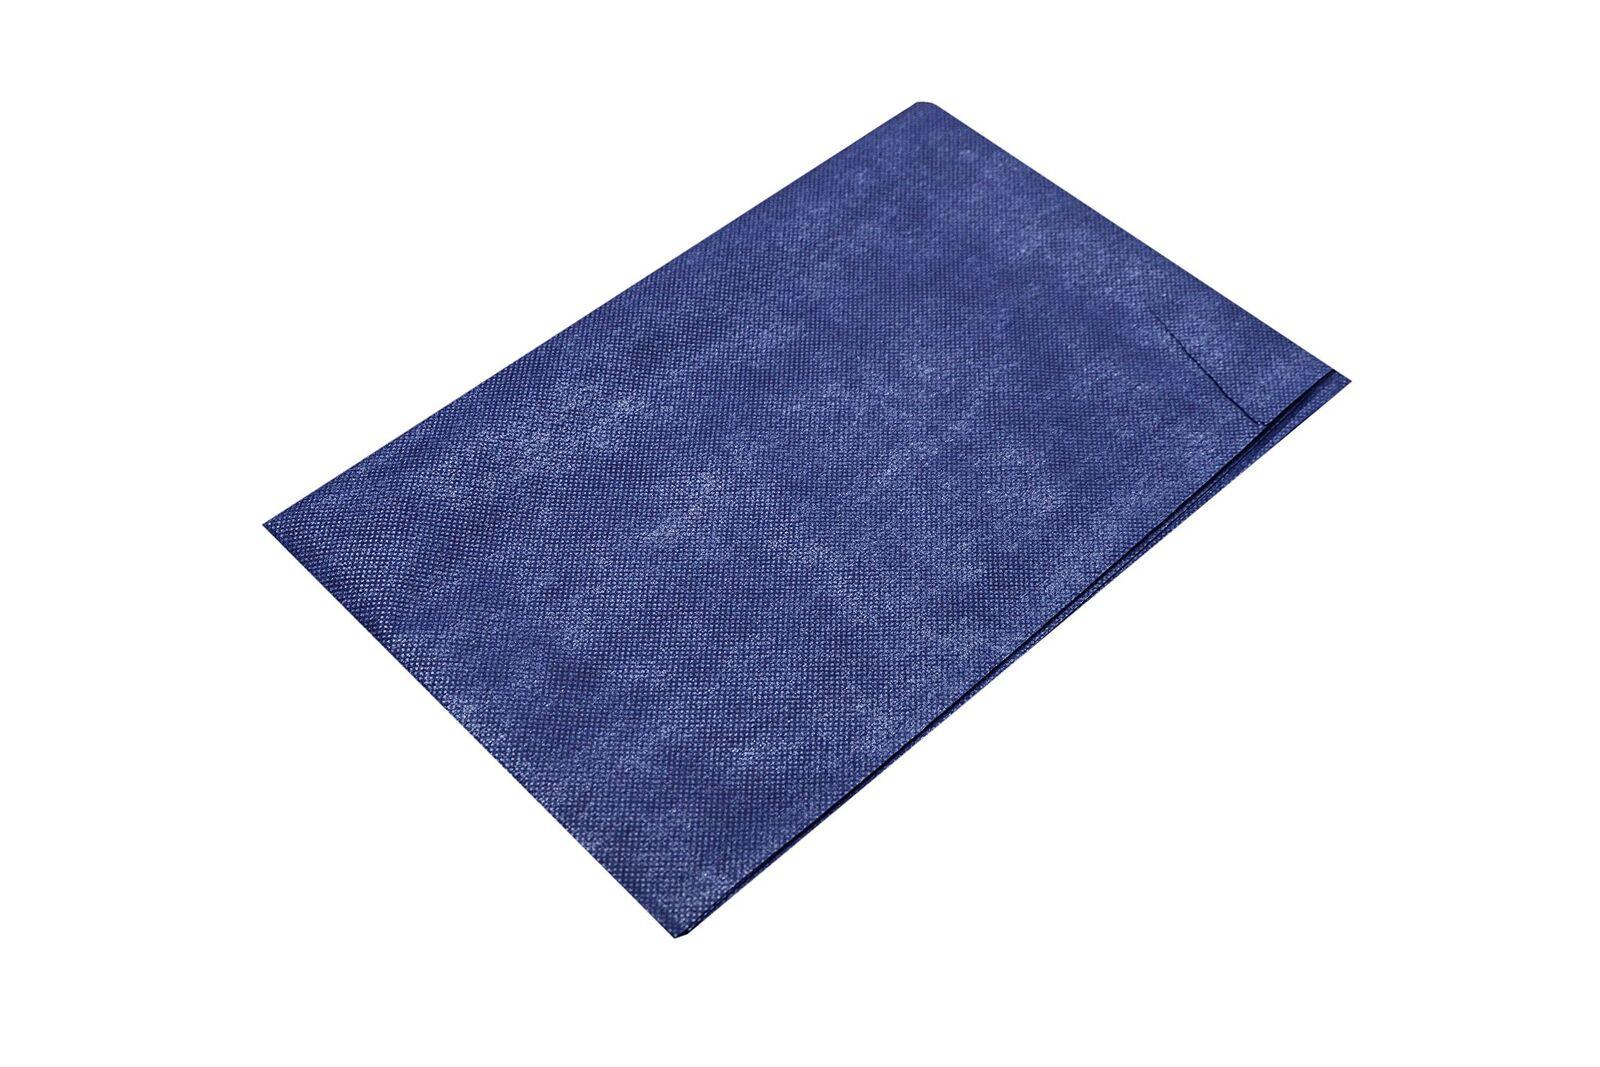 Einmalllaken, blau, 210 x 80 cm